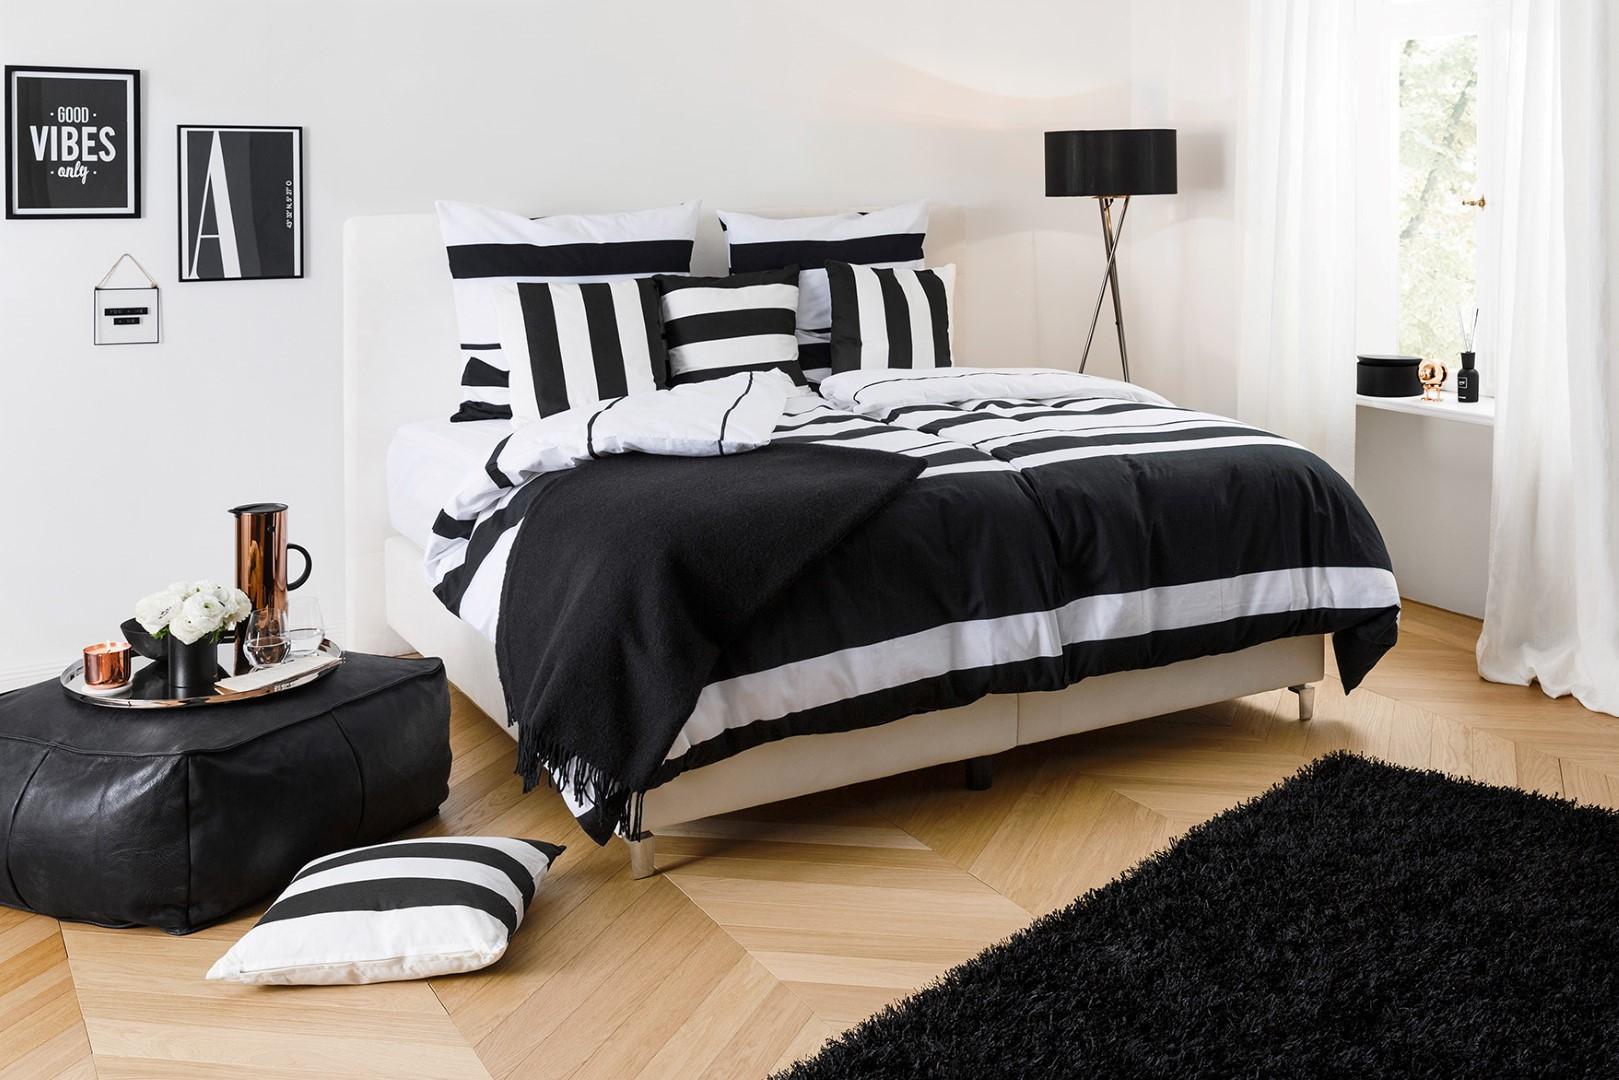 Camera Da Letto Romantica Offerte : Arredamento rifai il look alla camera da letto tgcom